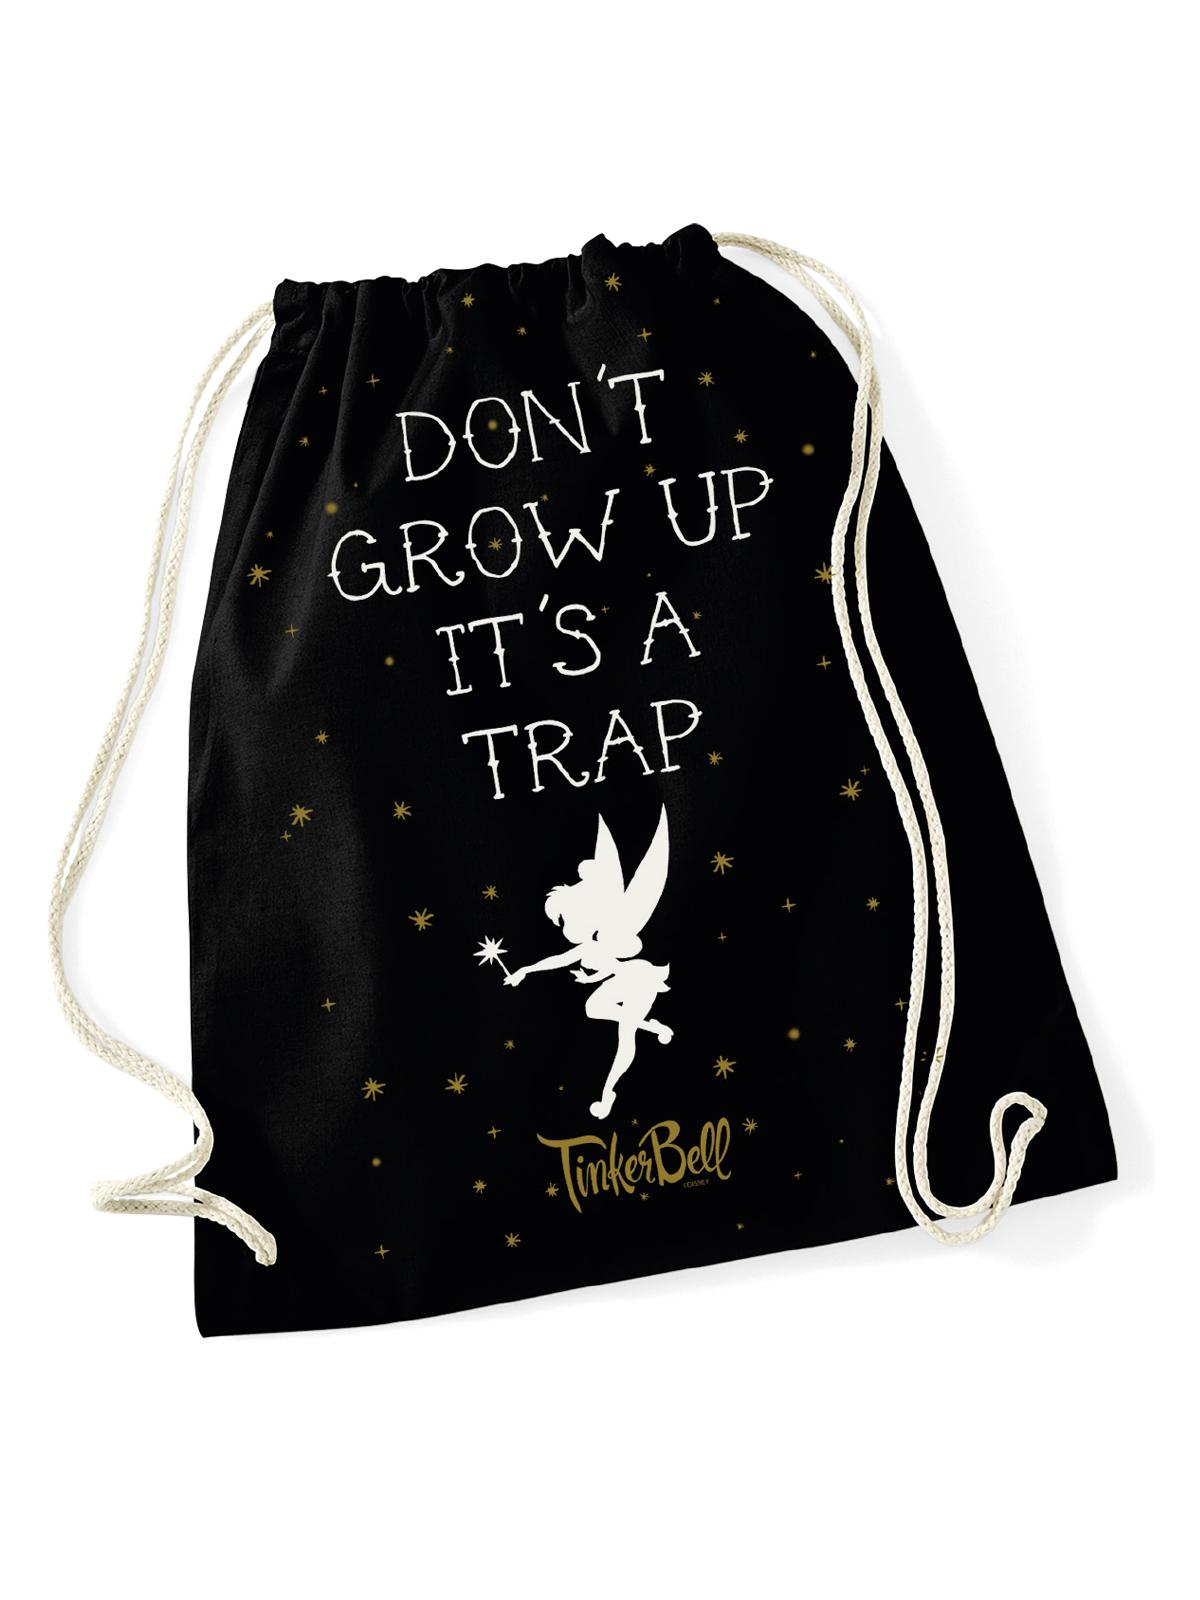 Sporttaschen - Tinkerbell Don't Grow Up Turnbeutel Schwarz  - Onlineshop NAPO Shop